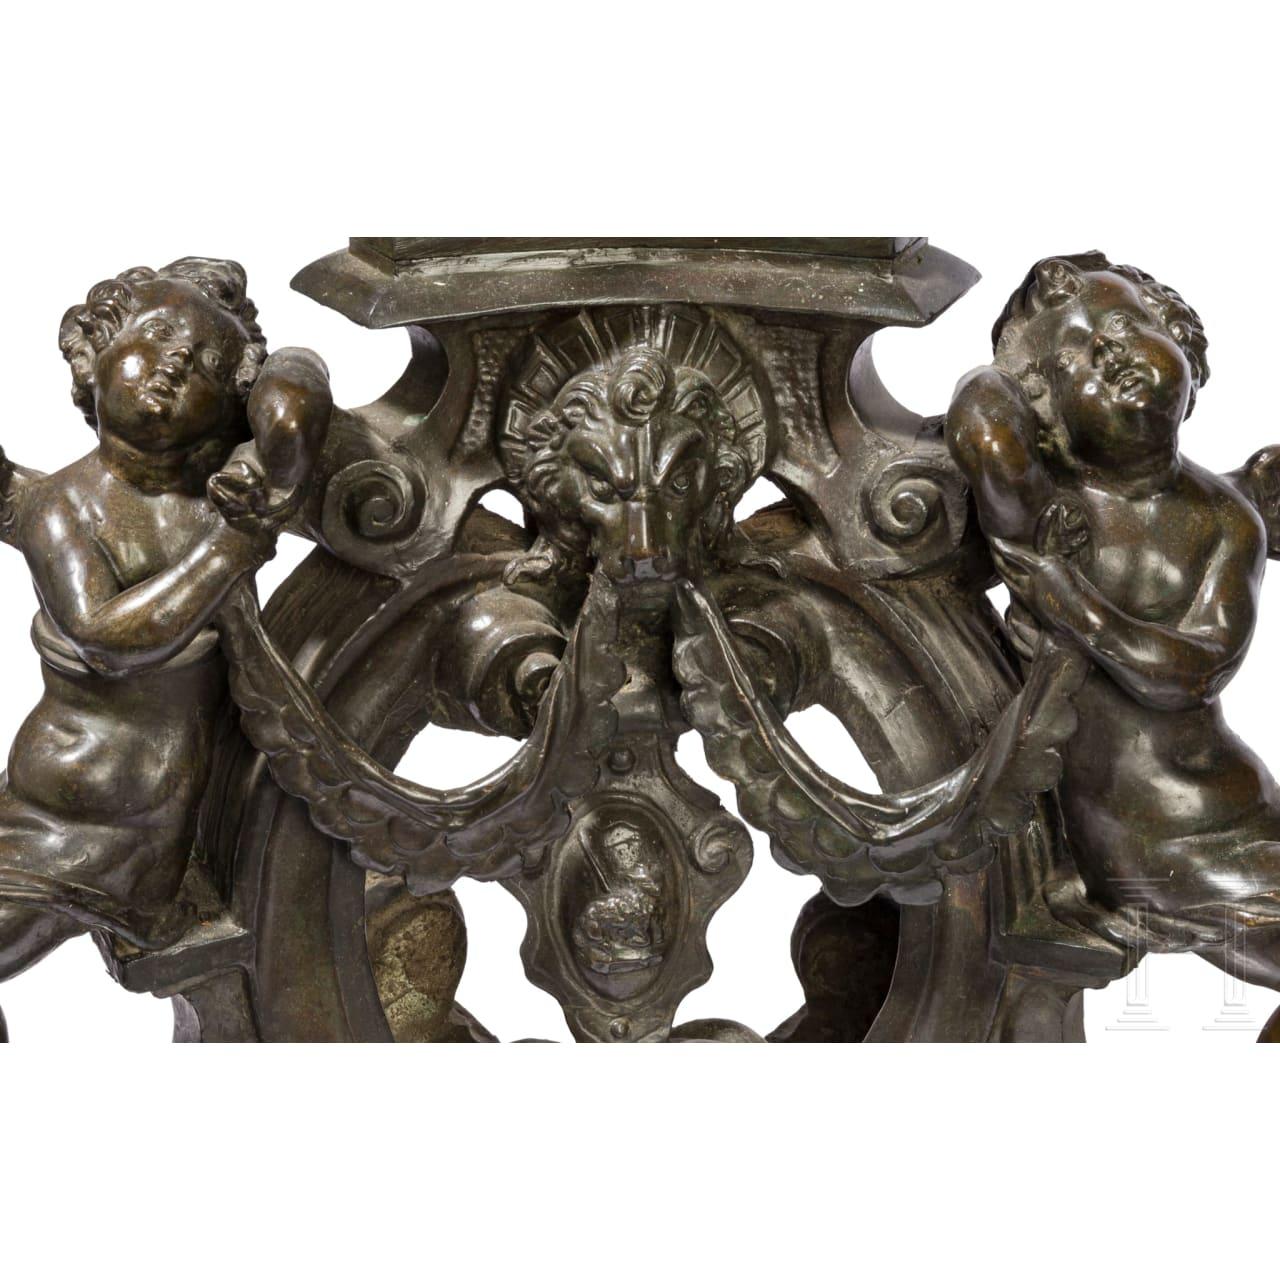 Ein Paar monumentale Kaminböcke im Stil der Renaissance, Venedig, 19. Jhdt.